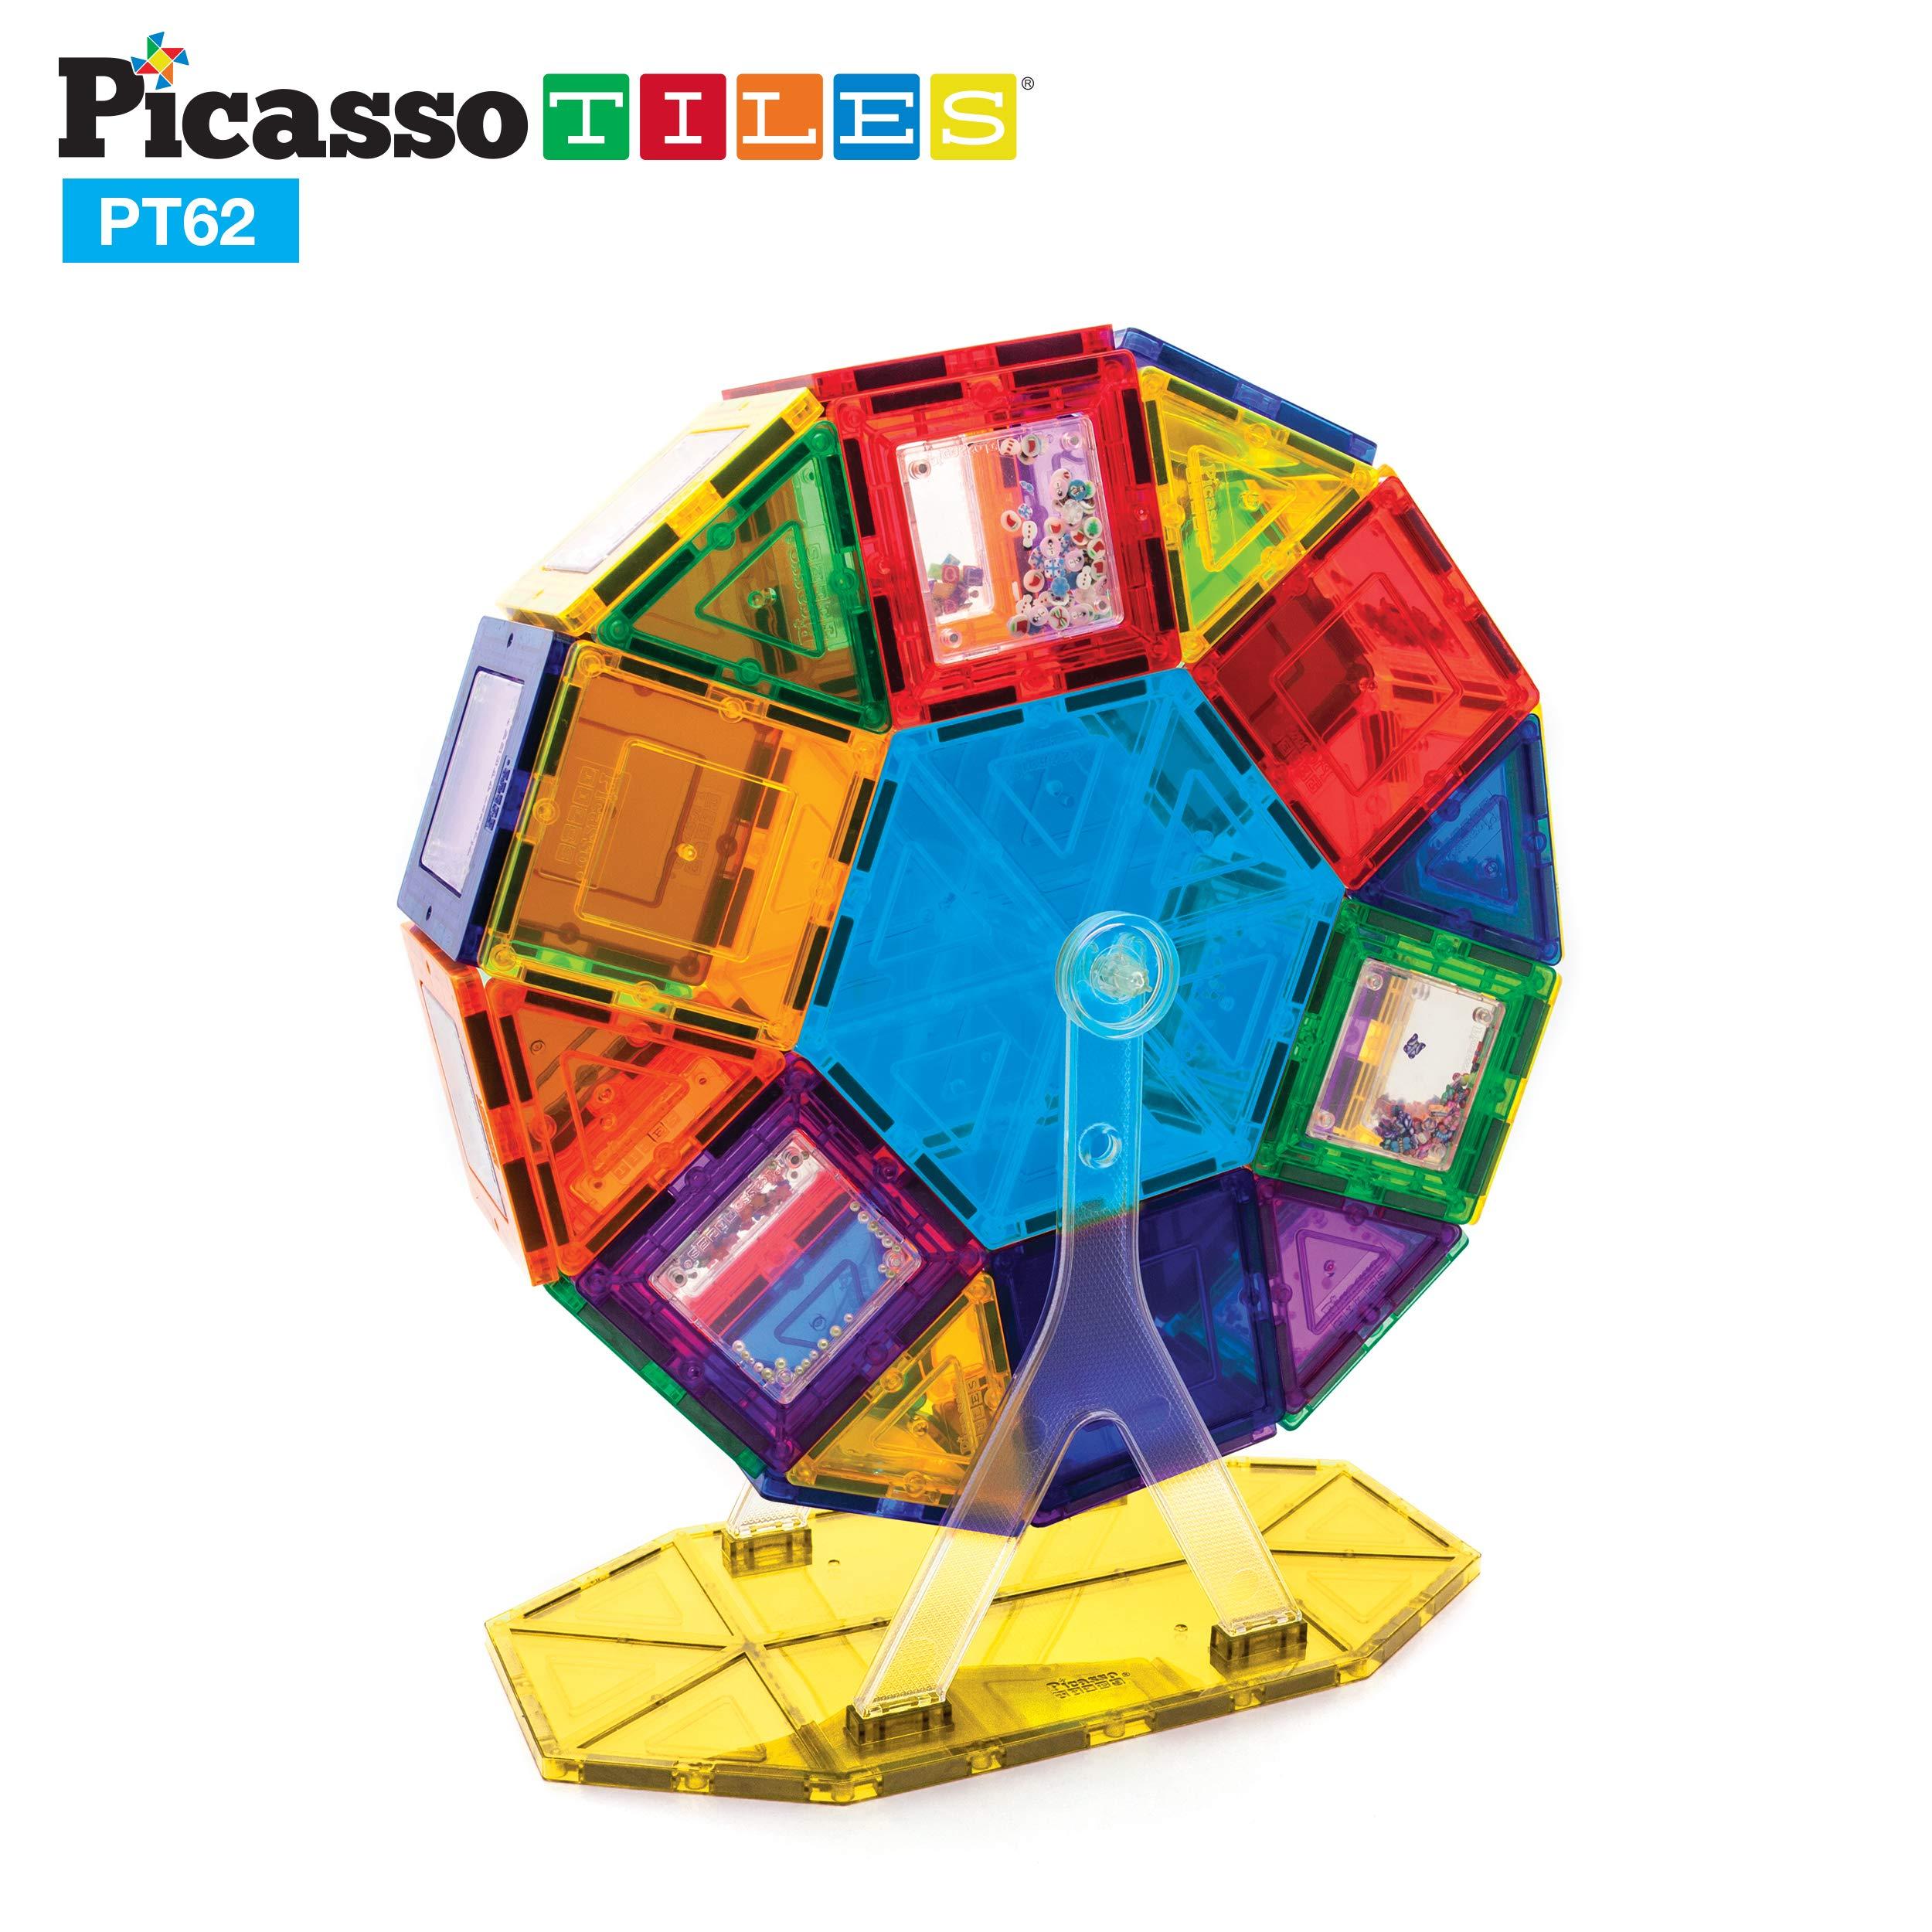 PicassoTiles PT62 Kids Toy Building Block Ferris Wheel Set LED Light Children Construction Kit Magnet Tiles by PicassoTiles